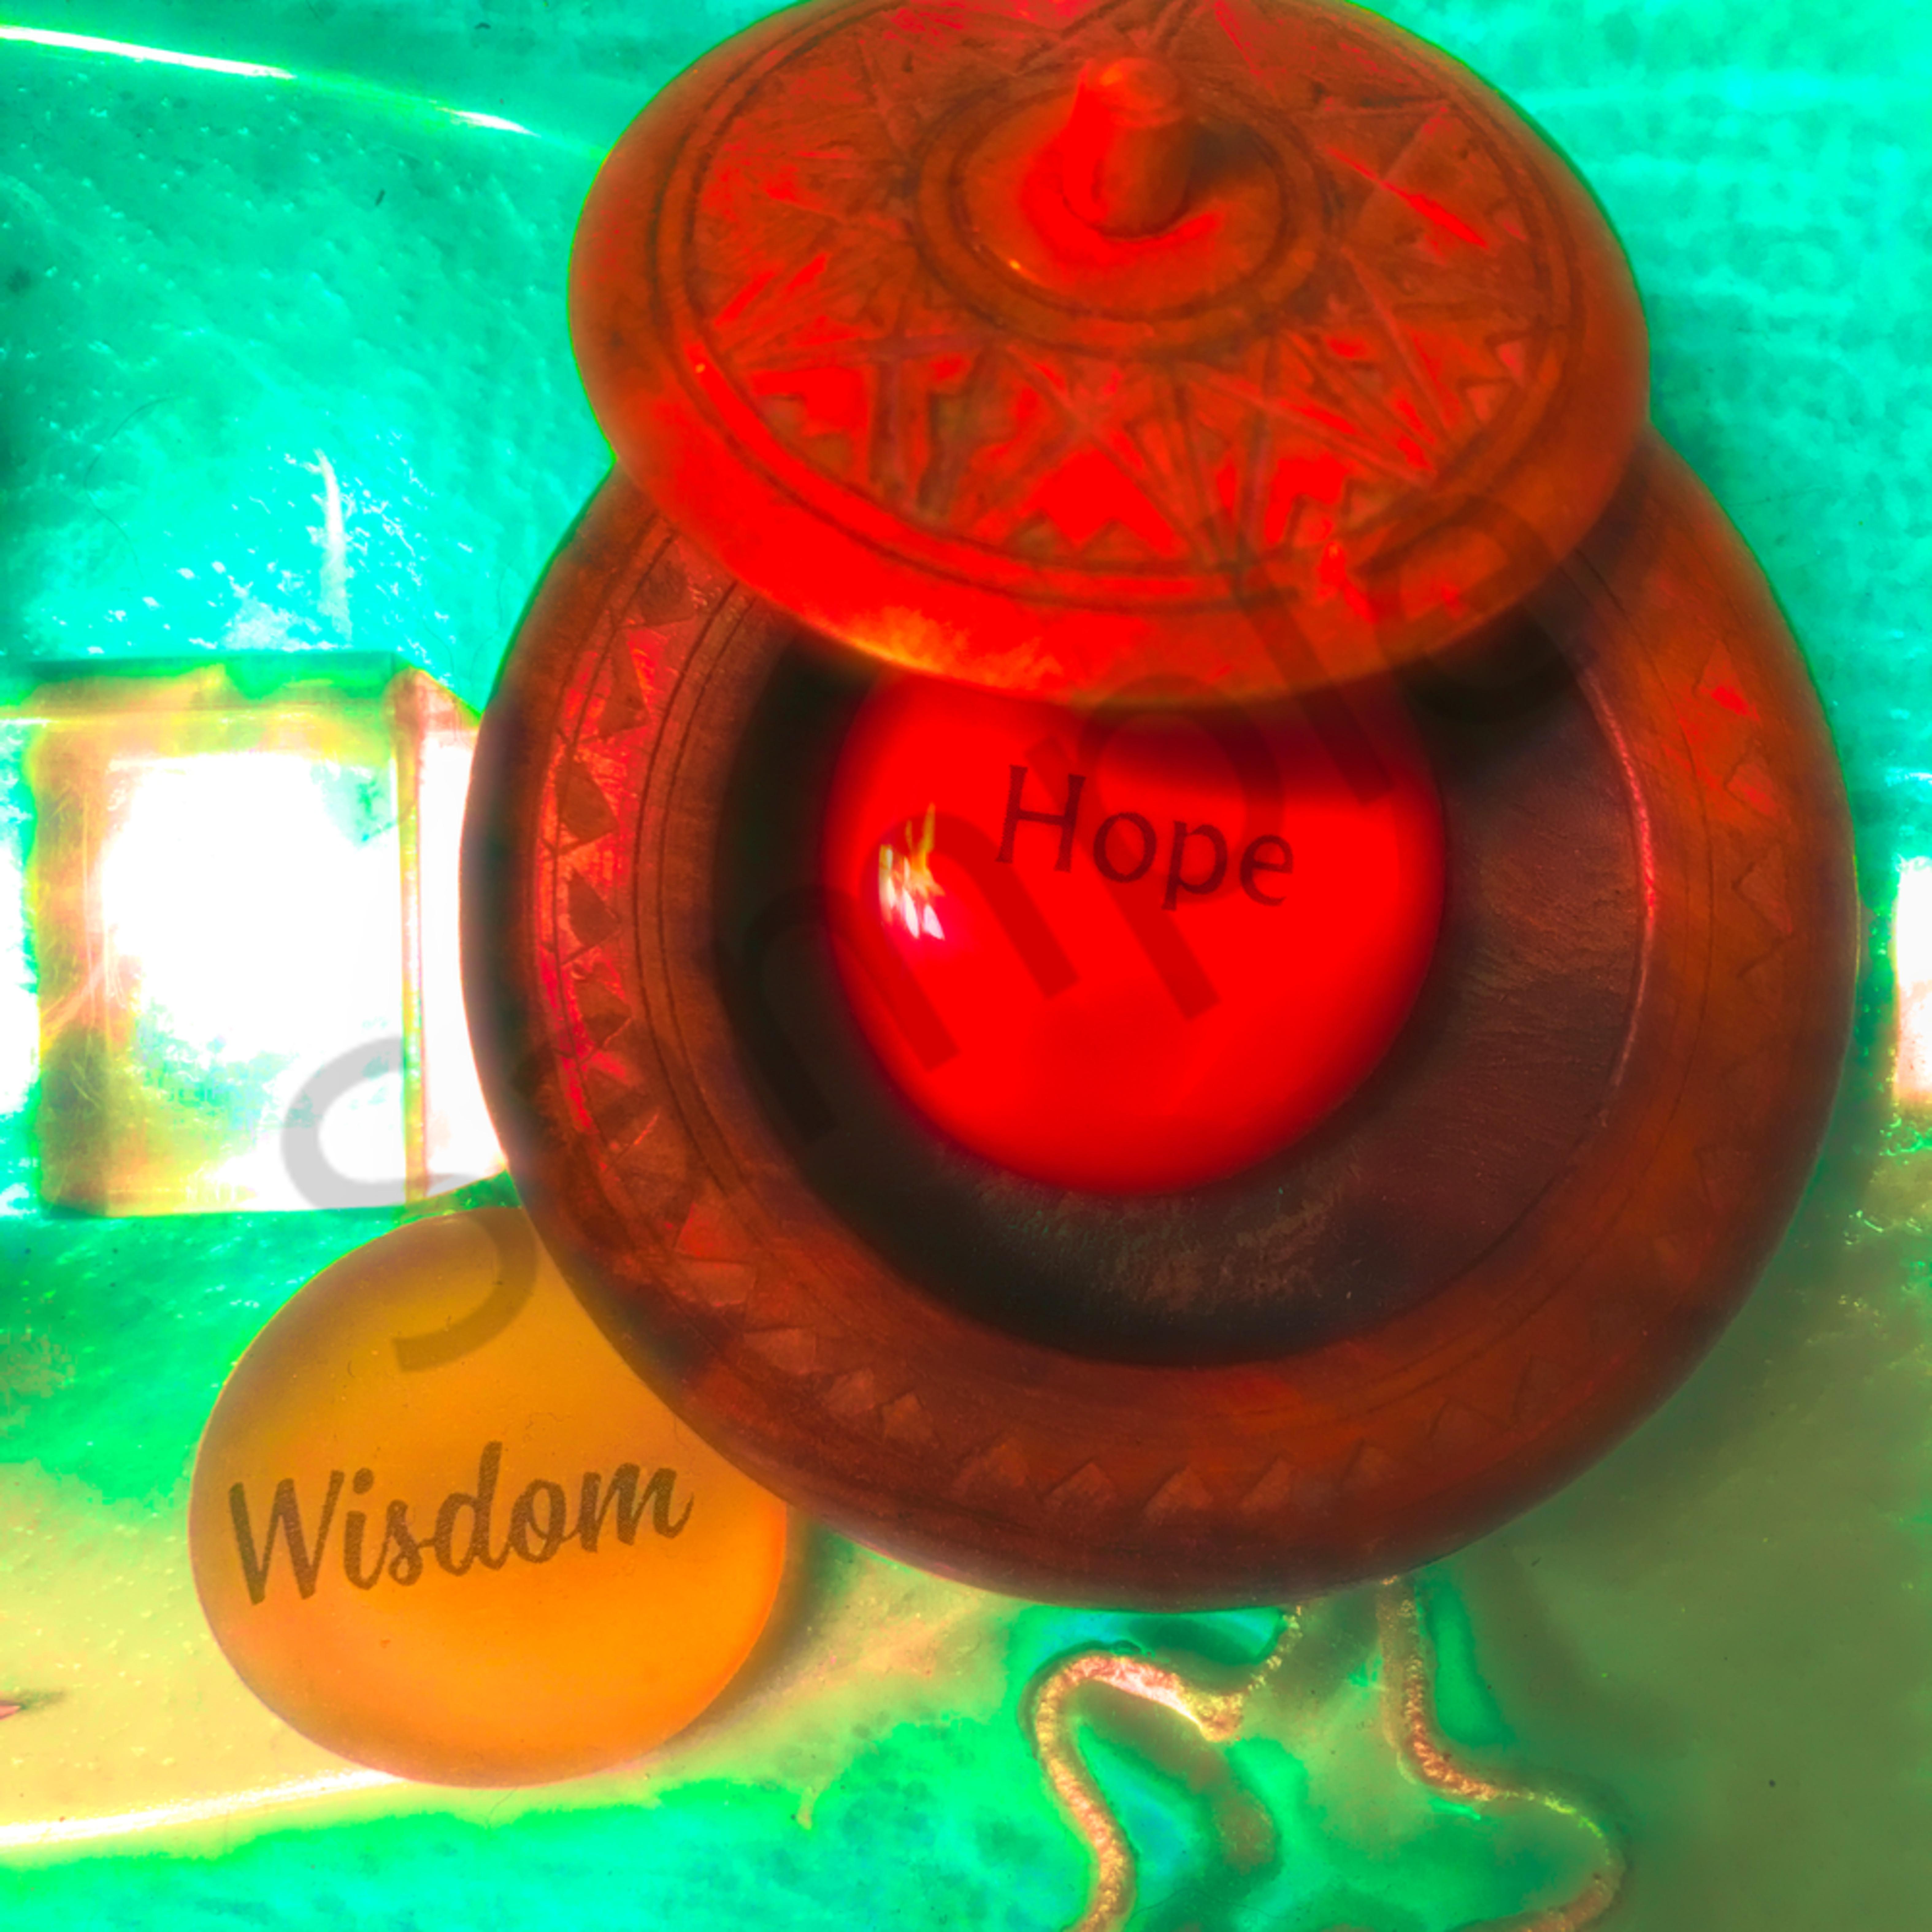 Wisdom and hope gqbtbt